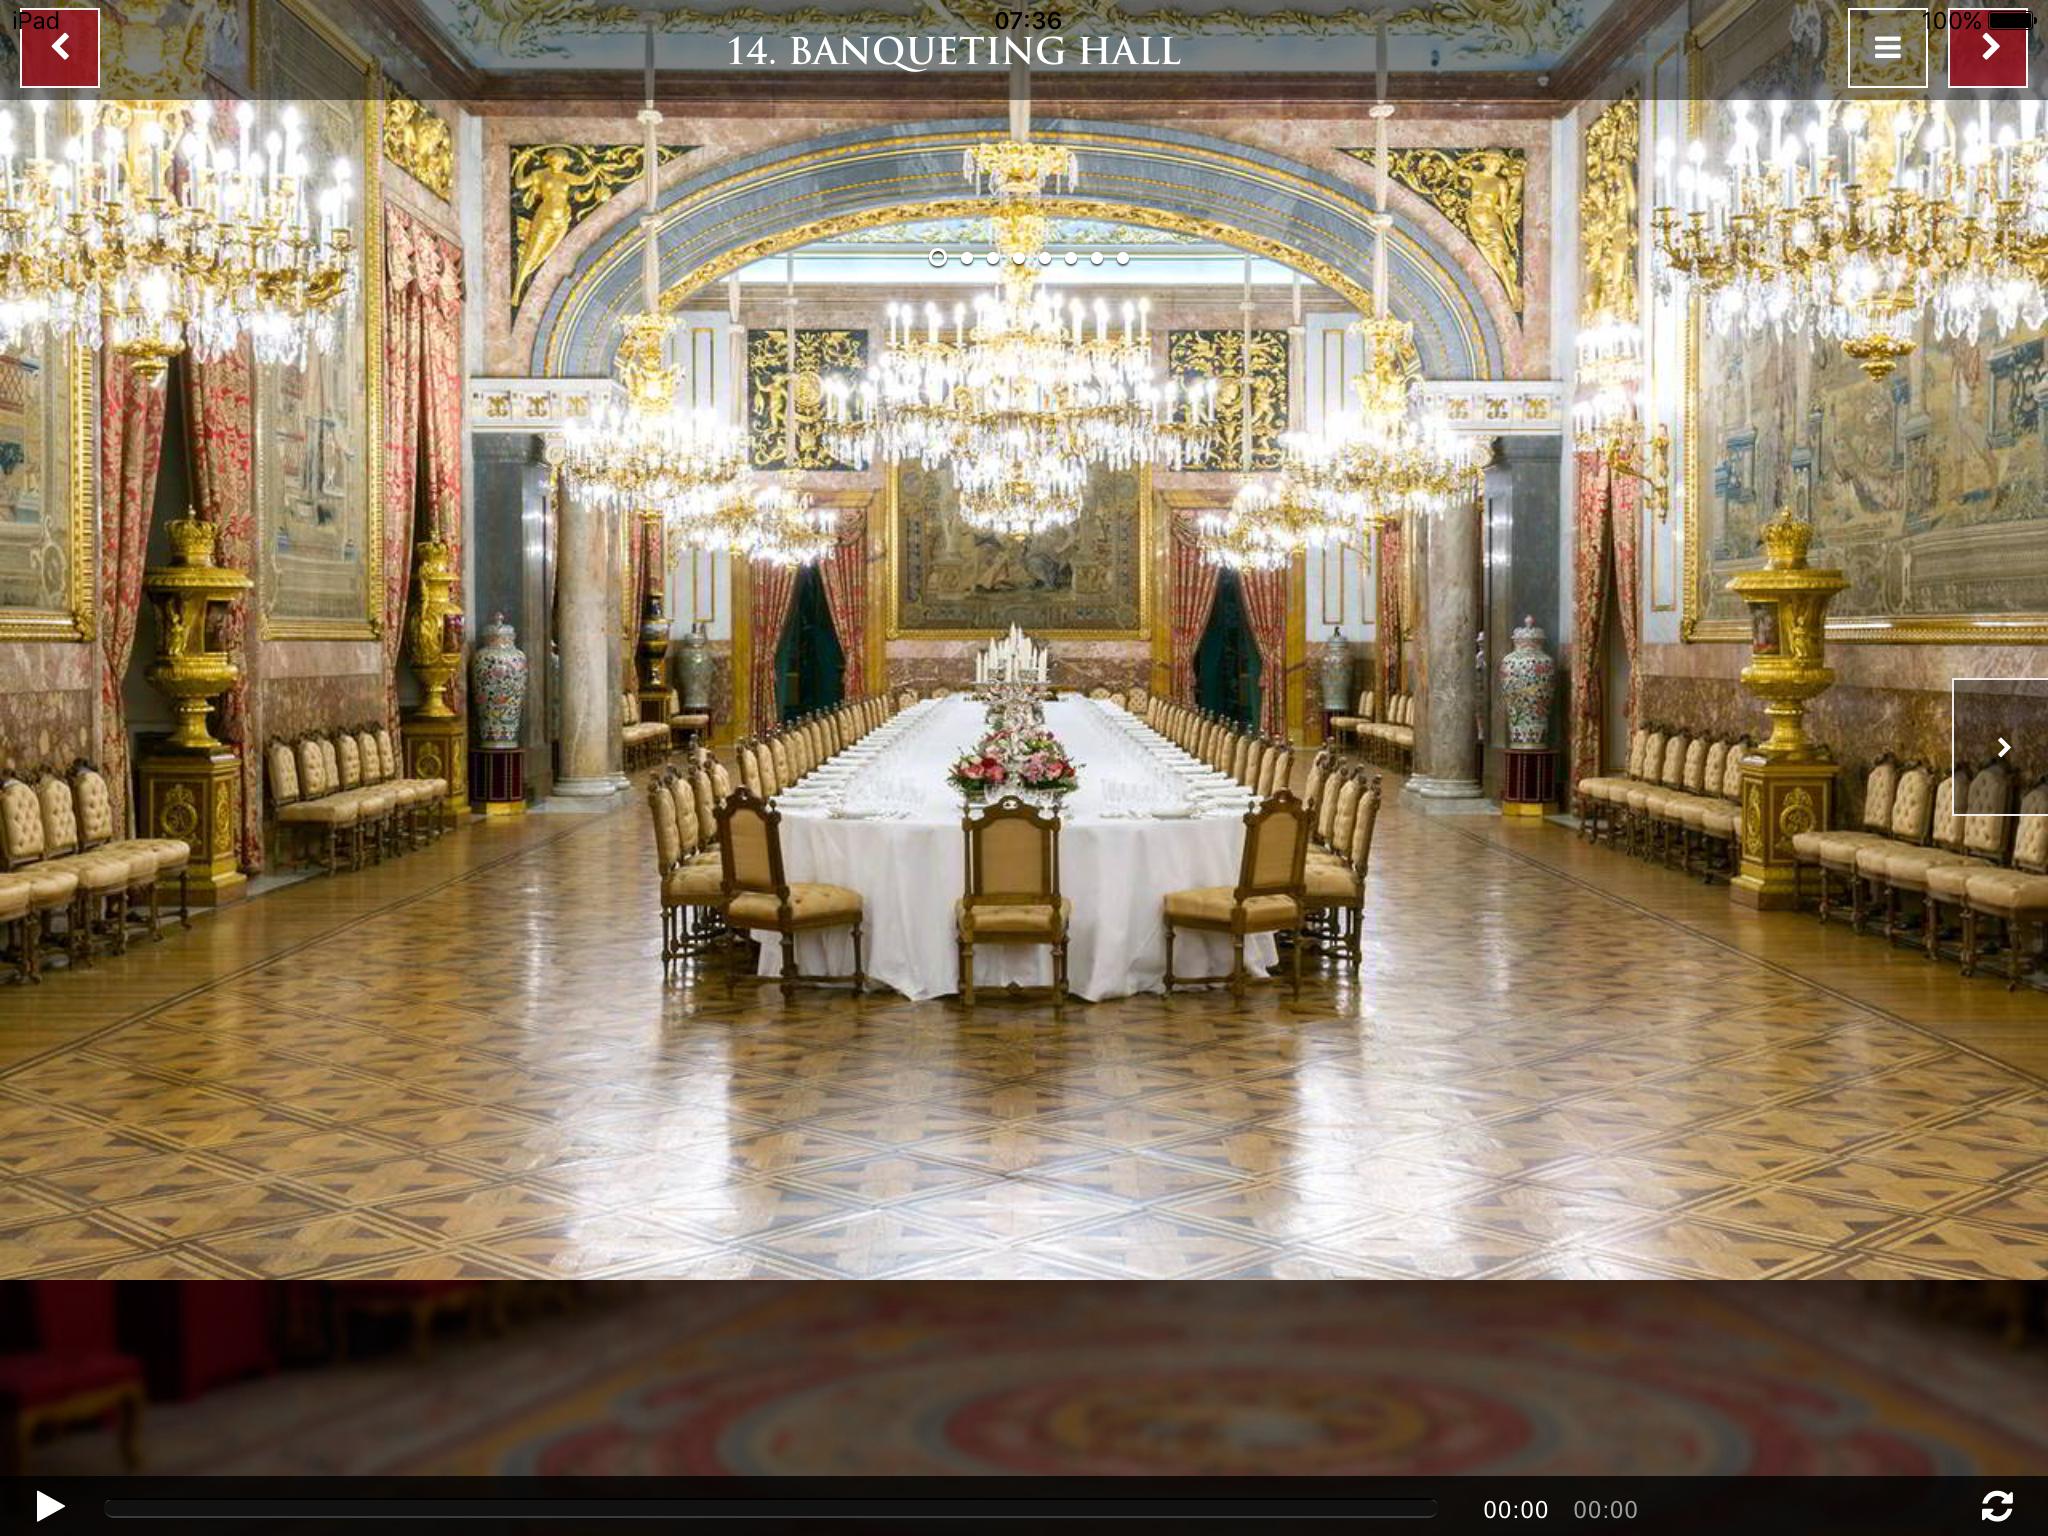 Madrid Royal Palace Banqueting Hall